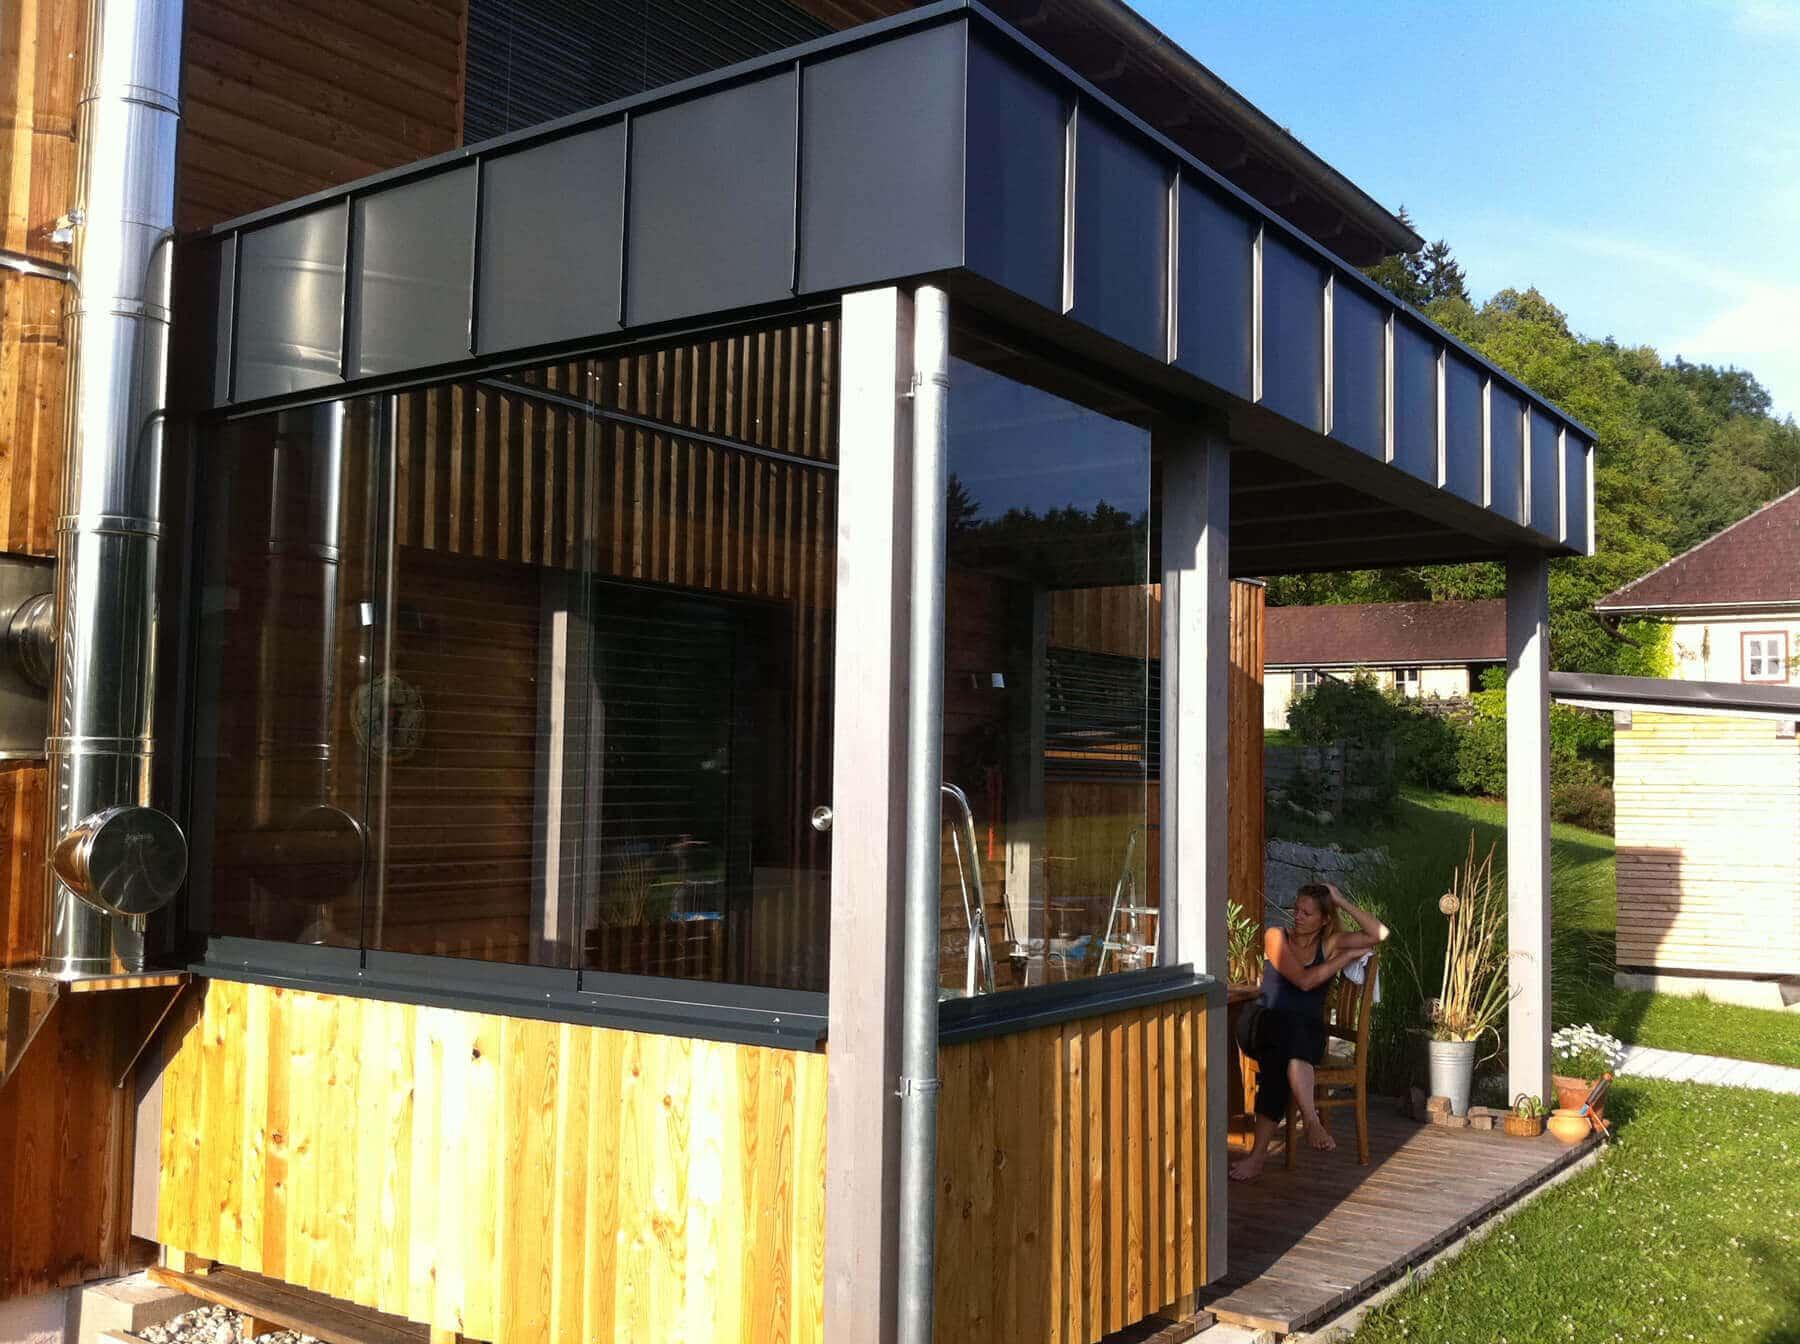 Moderner Holzanbau mit Glasschiebetüren